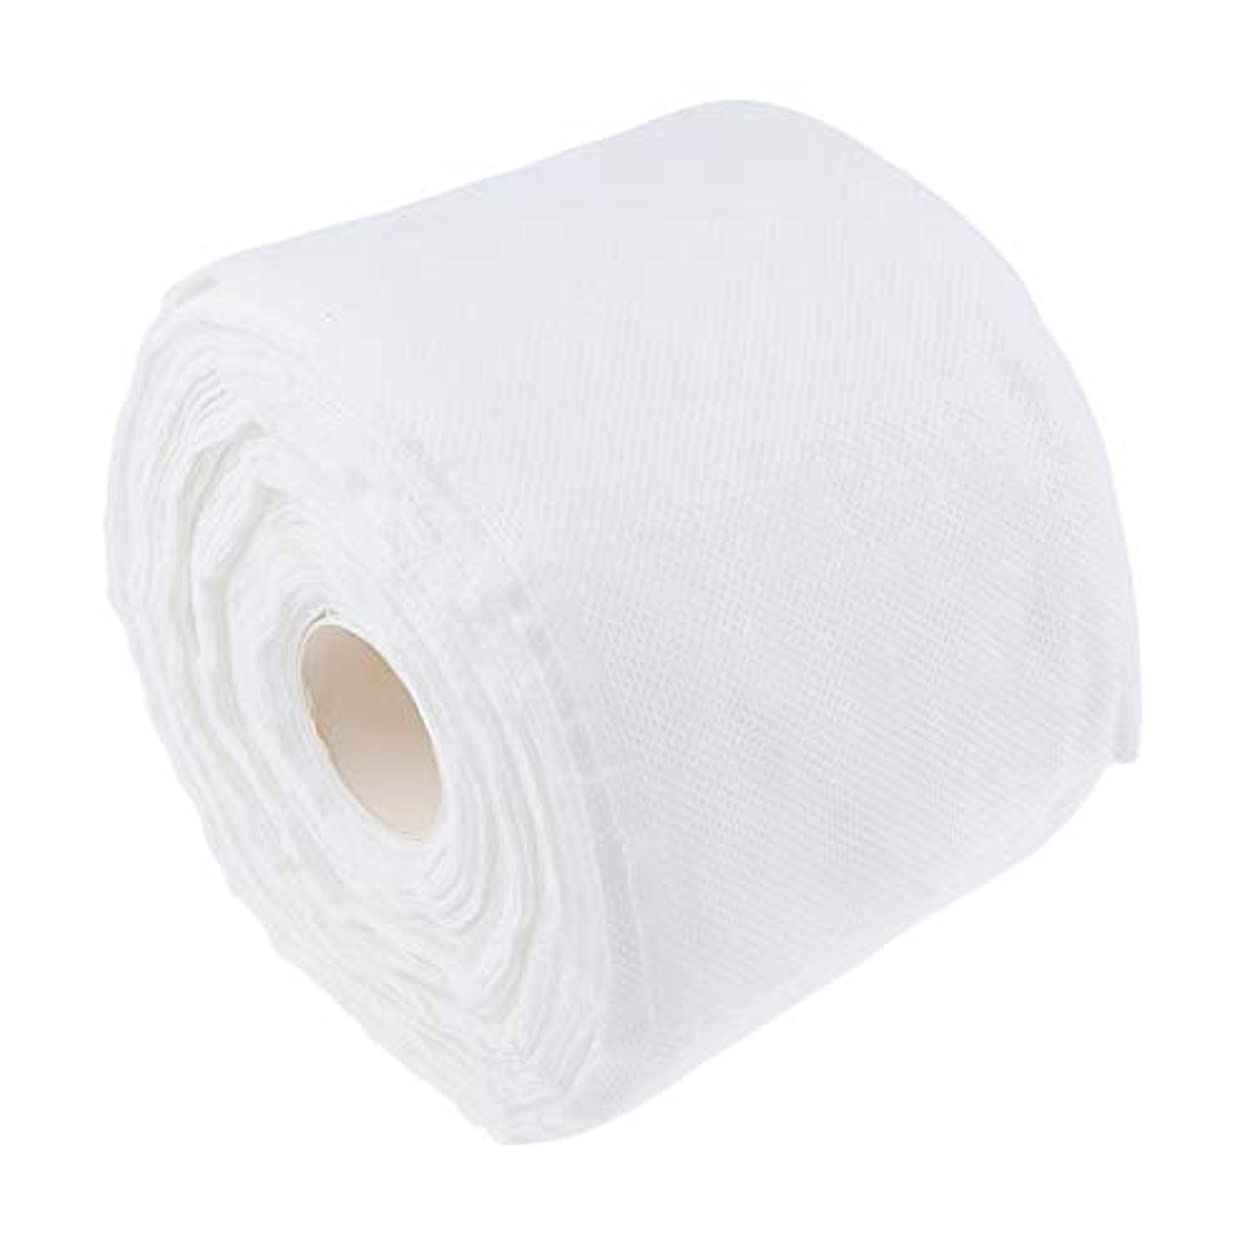 副本当に軽減メイクコットンパッド 使い捨て 柔らか コットン タオル クリーニング 拭き取り ティッシュロール